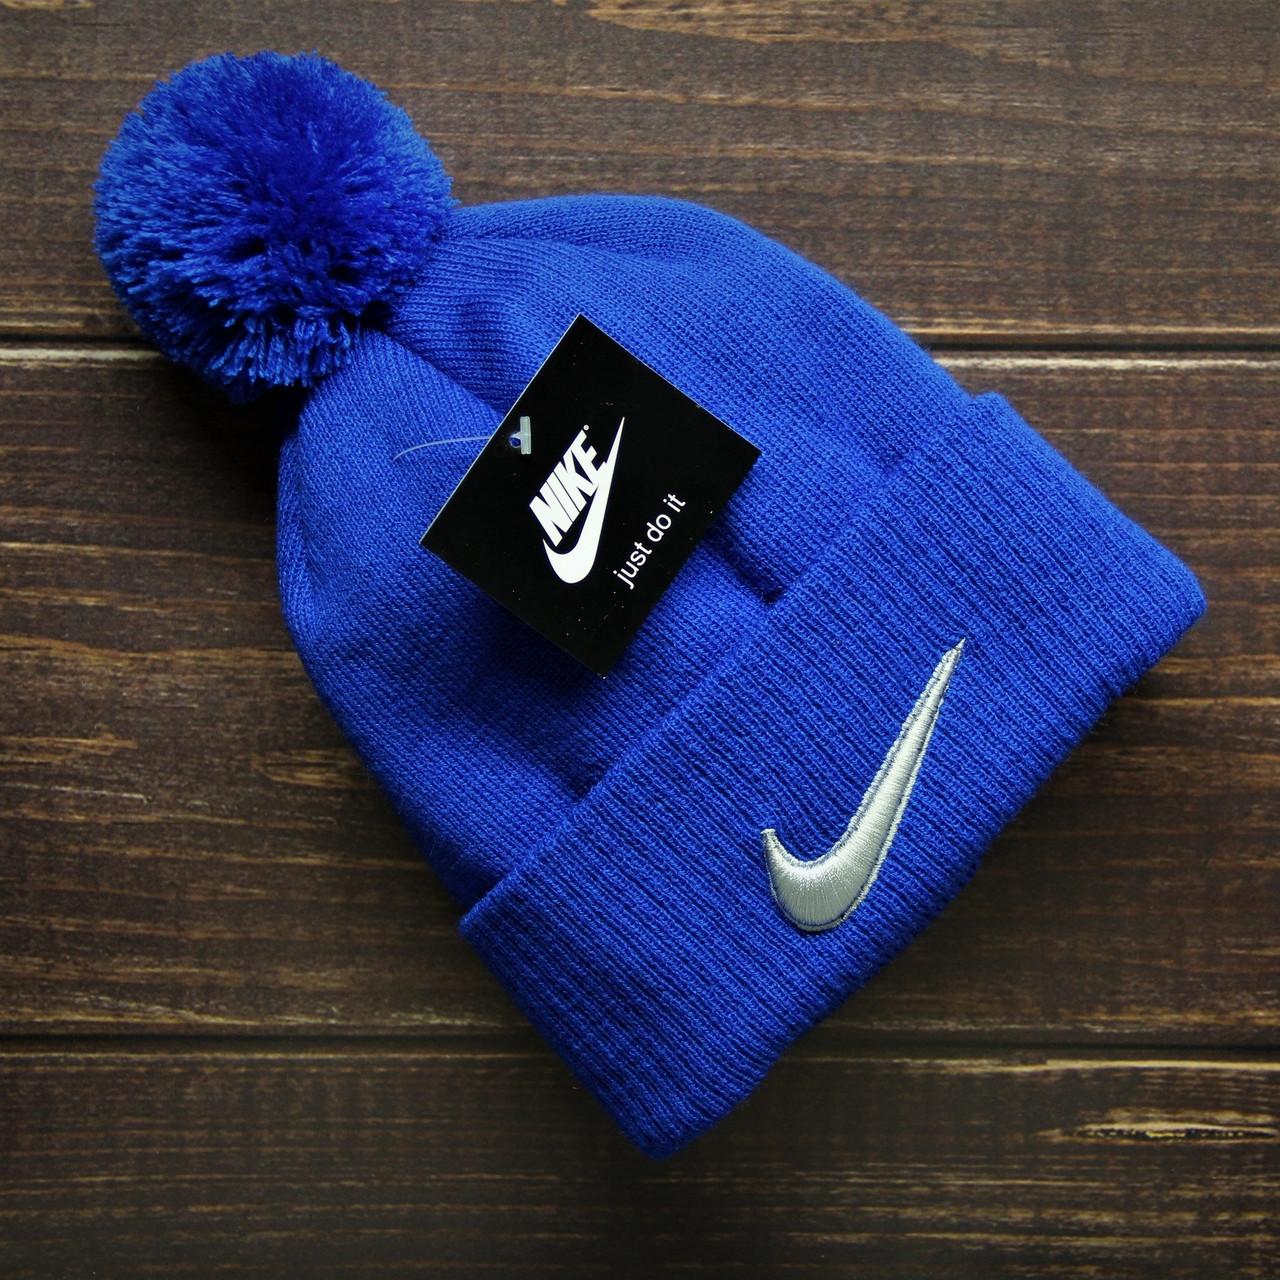 Шапка мужская\женская - (флисовая подкладка) в стиле Nike электрик ( голубой )